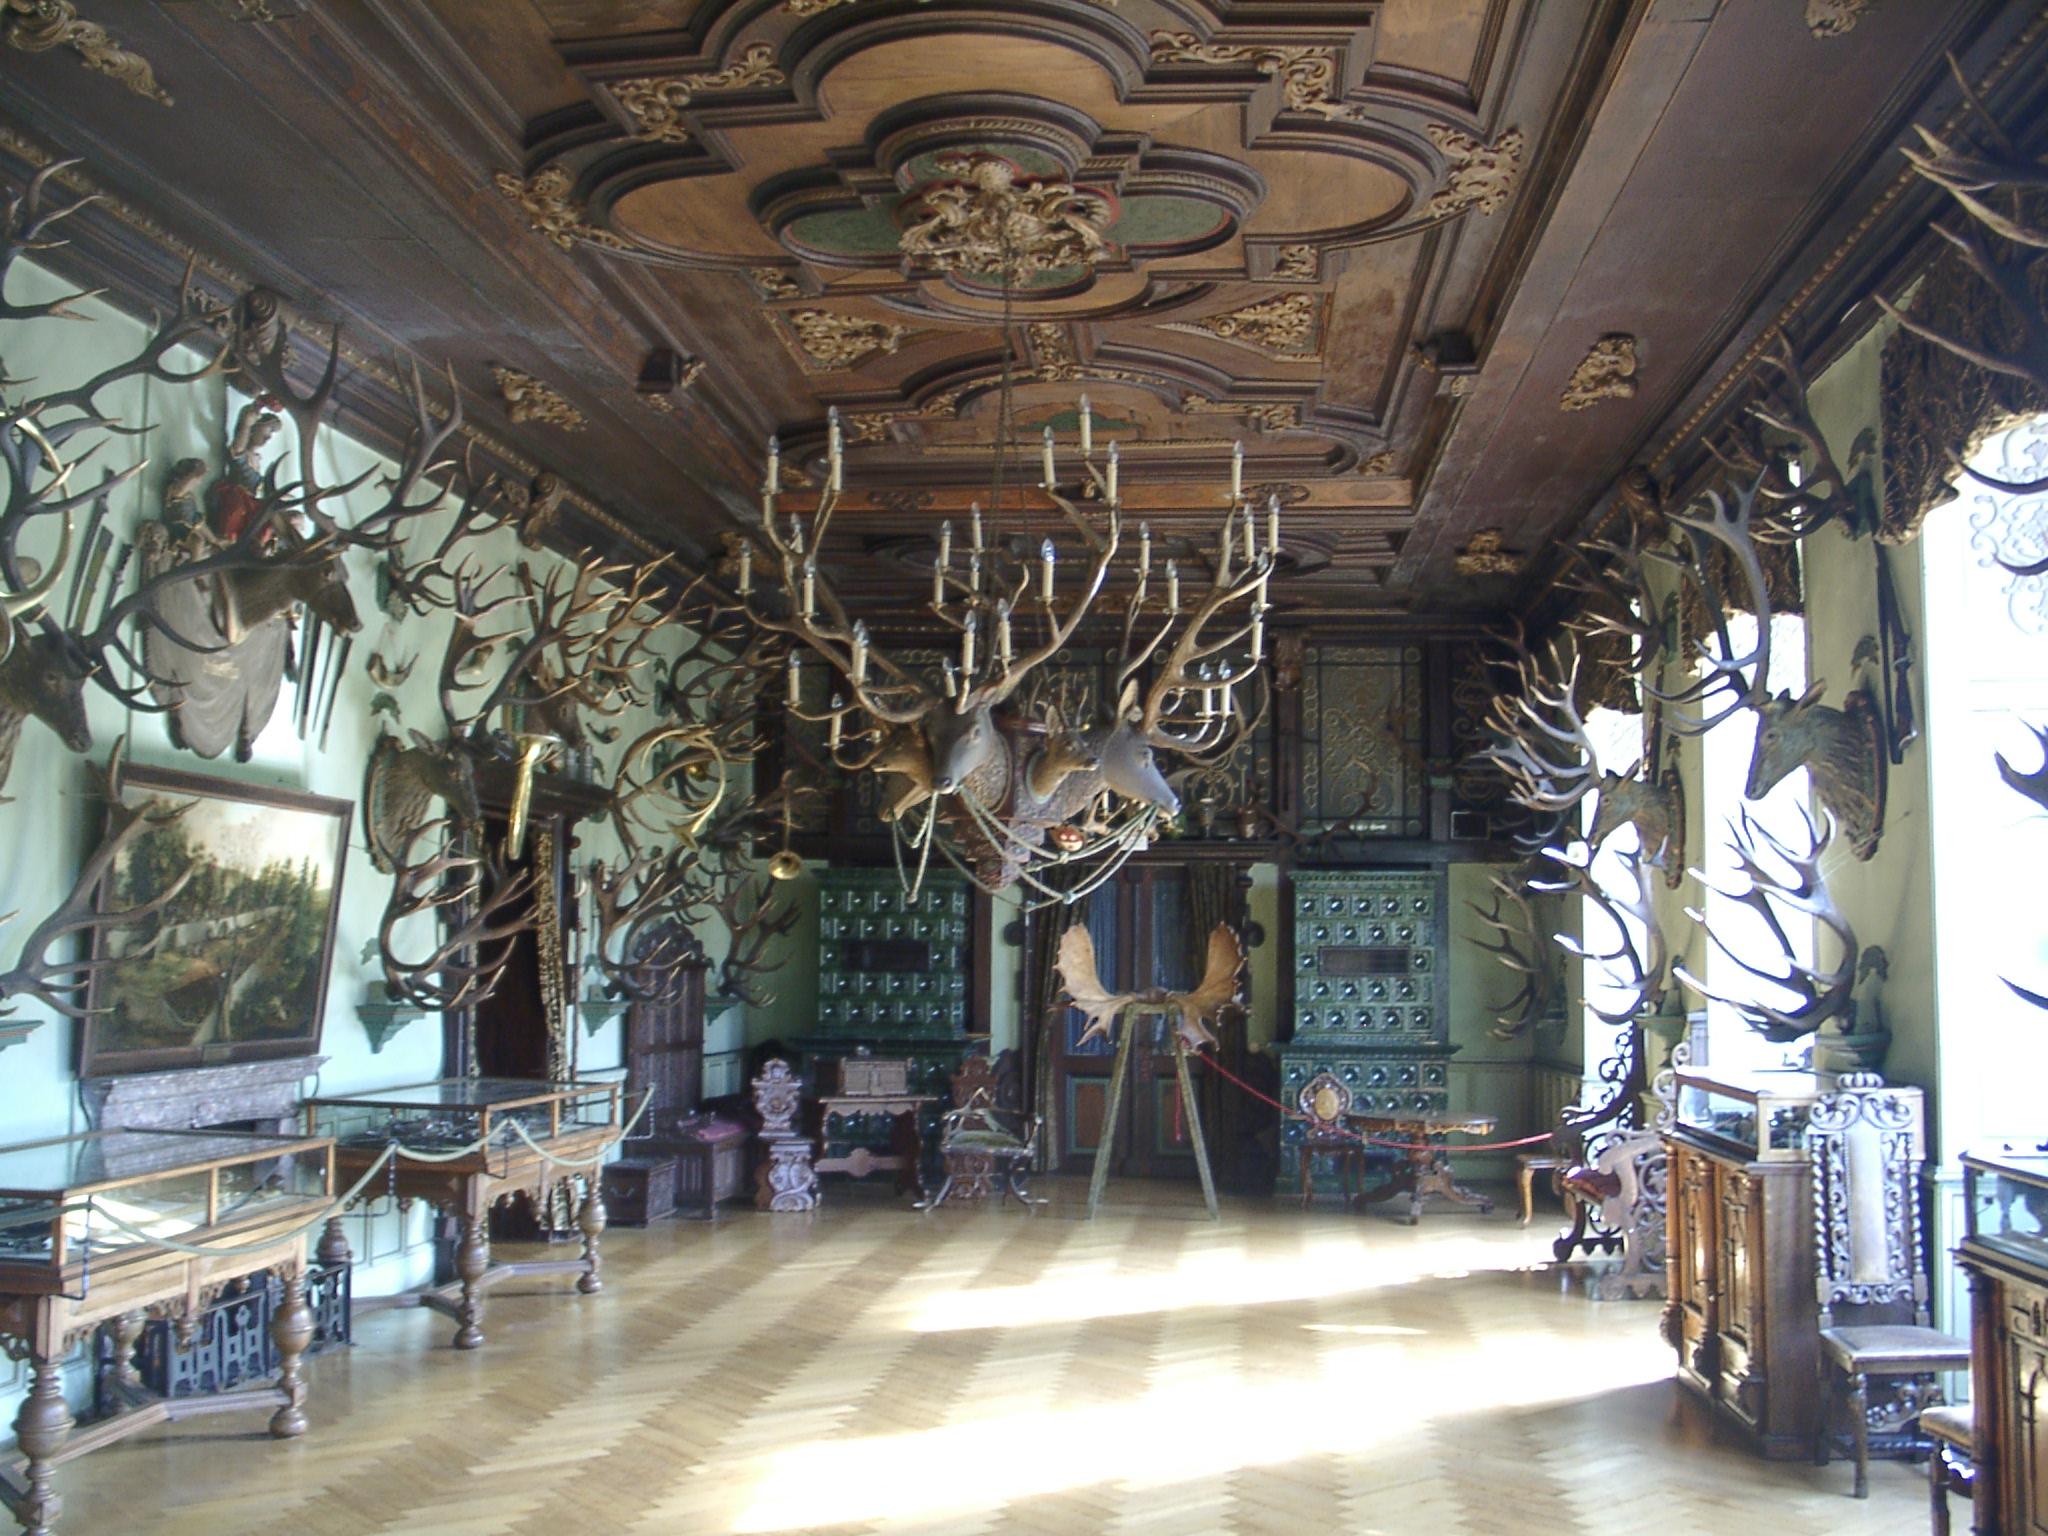 Dateierbach Odenwald Schloss Innen 18jpg Wikipedia